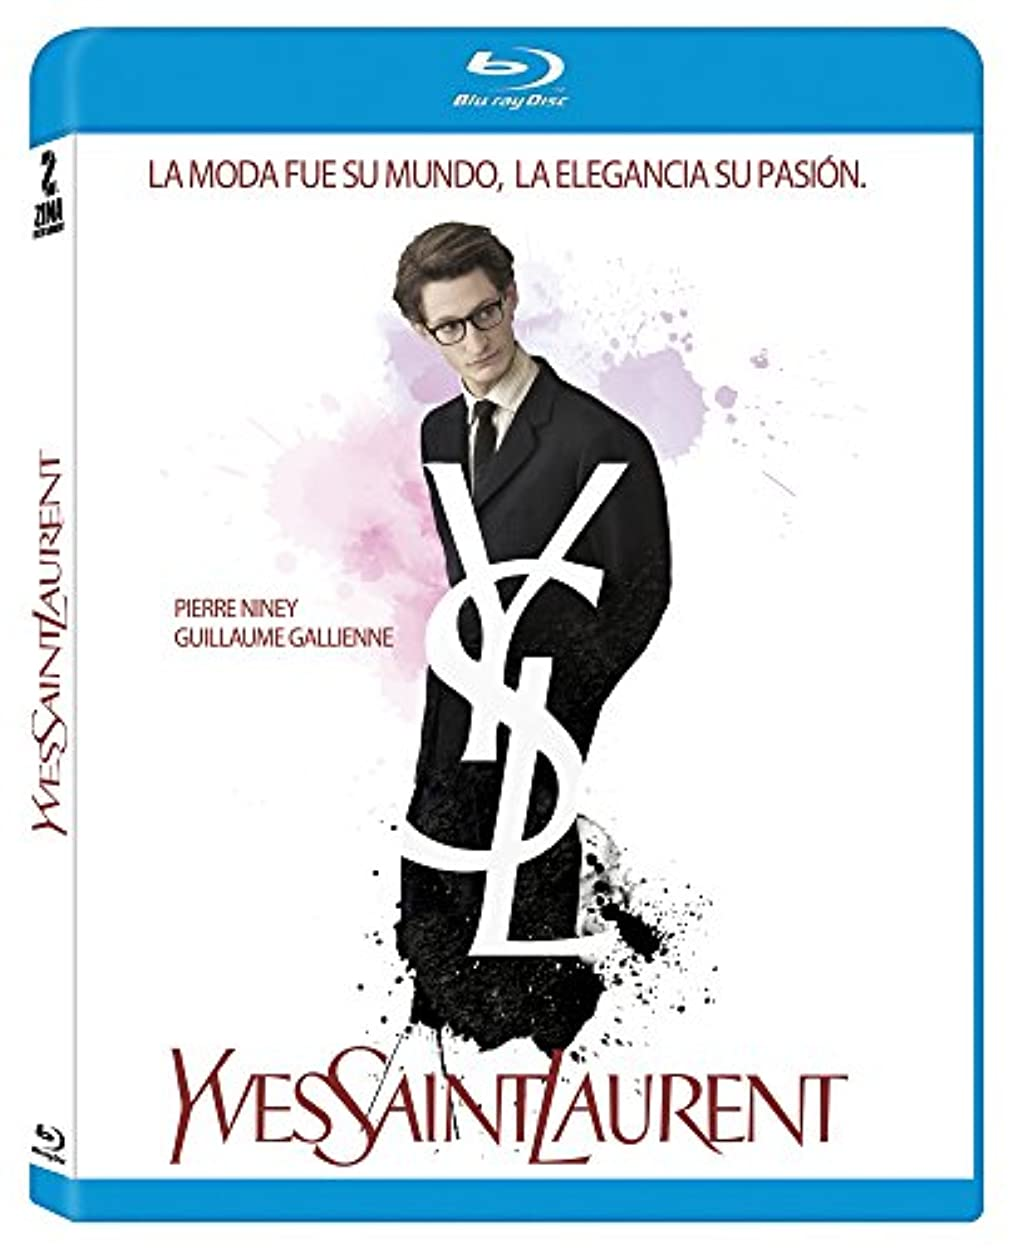 地震マスタードスナックYves Saint Laurent Movie Blu Ray (Multiregion) (French Audio with Spanish Subtitles / No English Options)